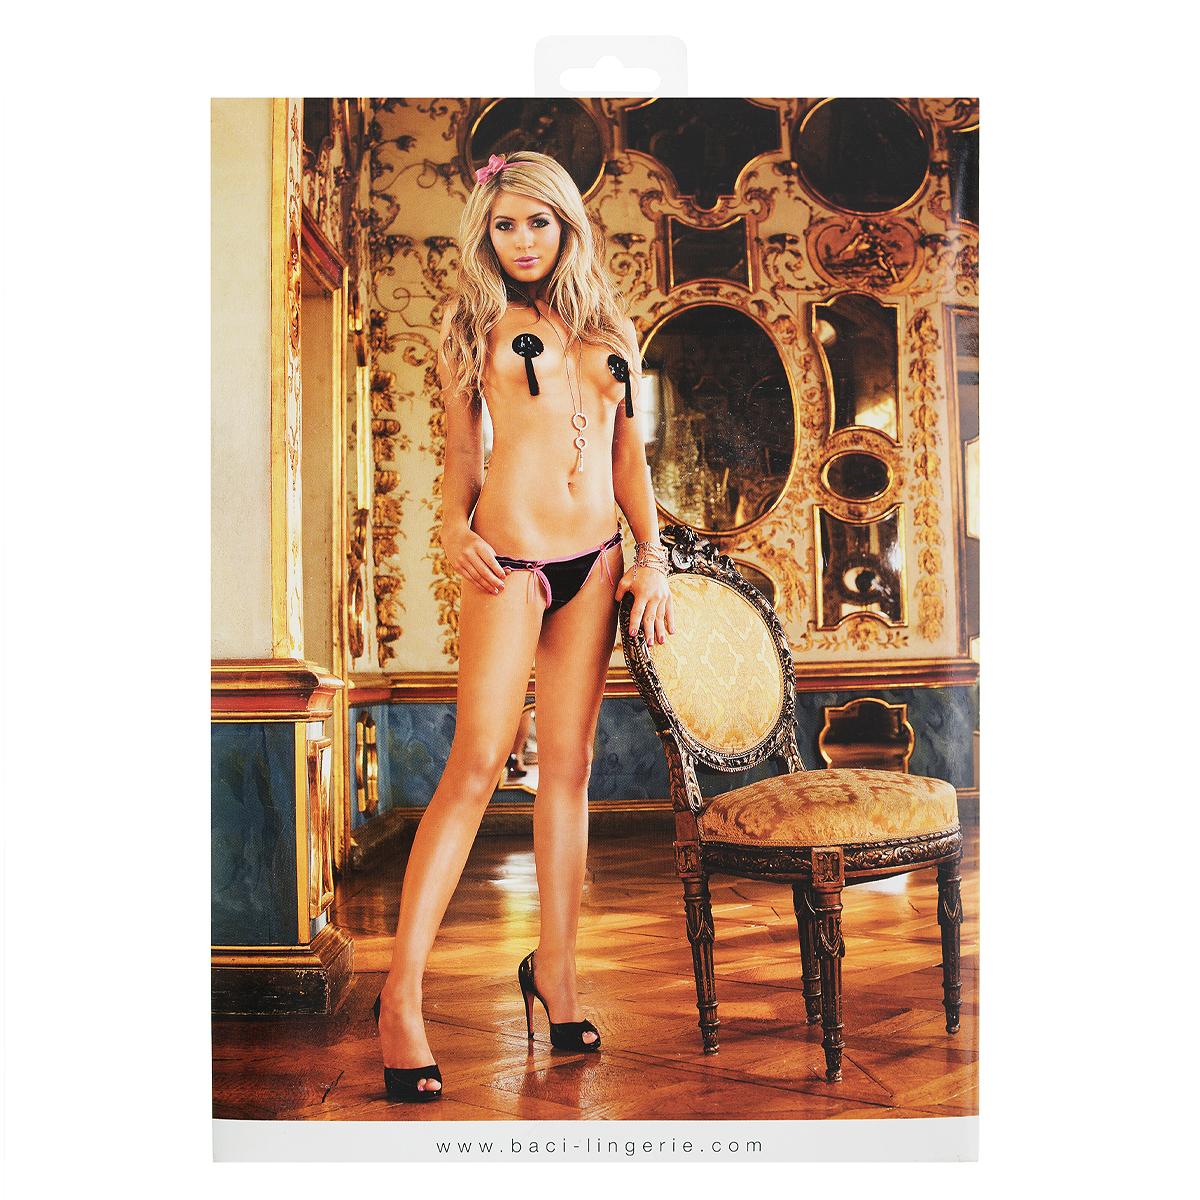 Трусы-стринги женские Barbie. 124124Стринги G-образной формы с контрастной отделкой подчеркивают ваш изысканный вкус. Приятная ткань из микроволокна и изысканная аппликация из бантиков производят особенно эффектное впечатление. Ластовица выполнена из хлопка.